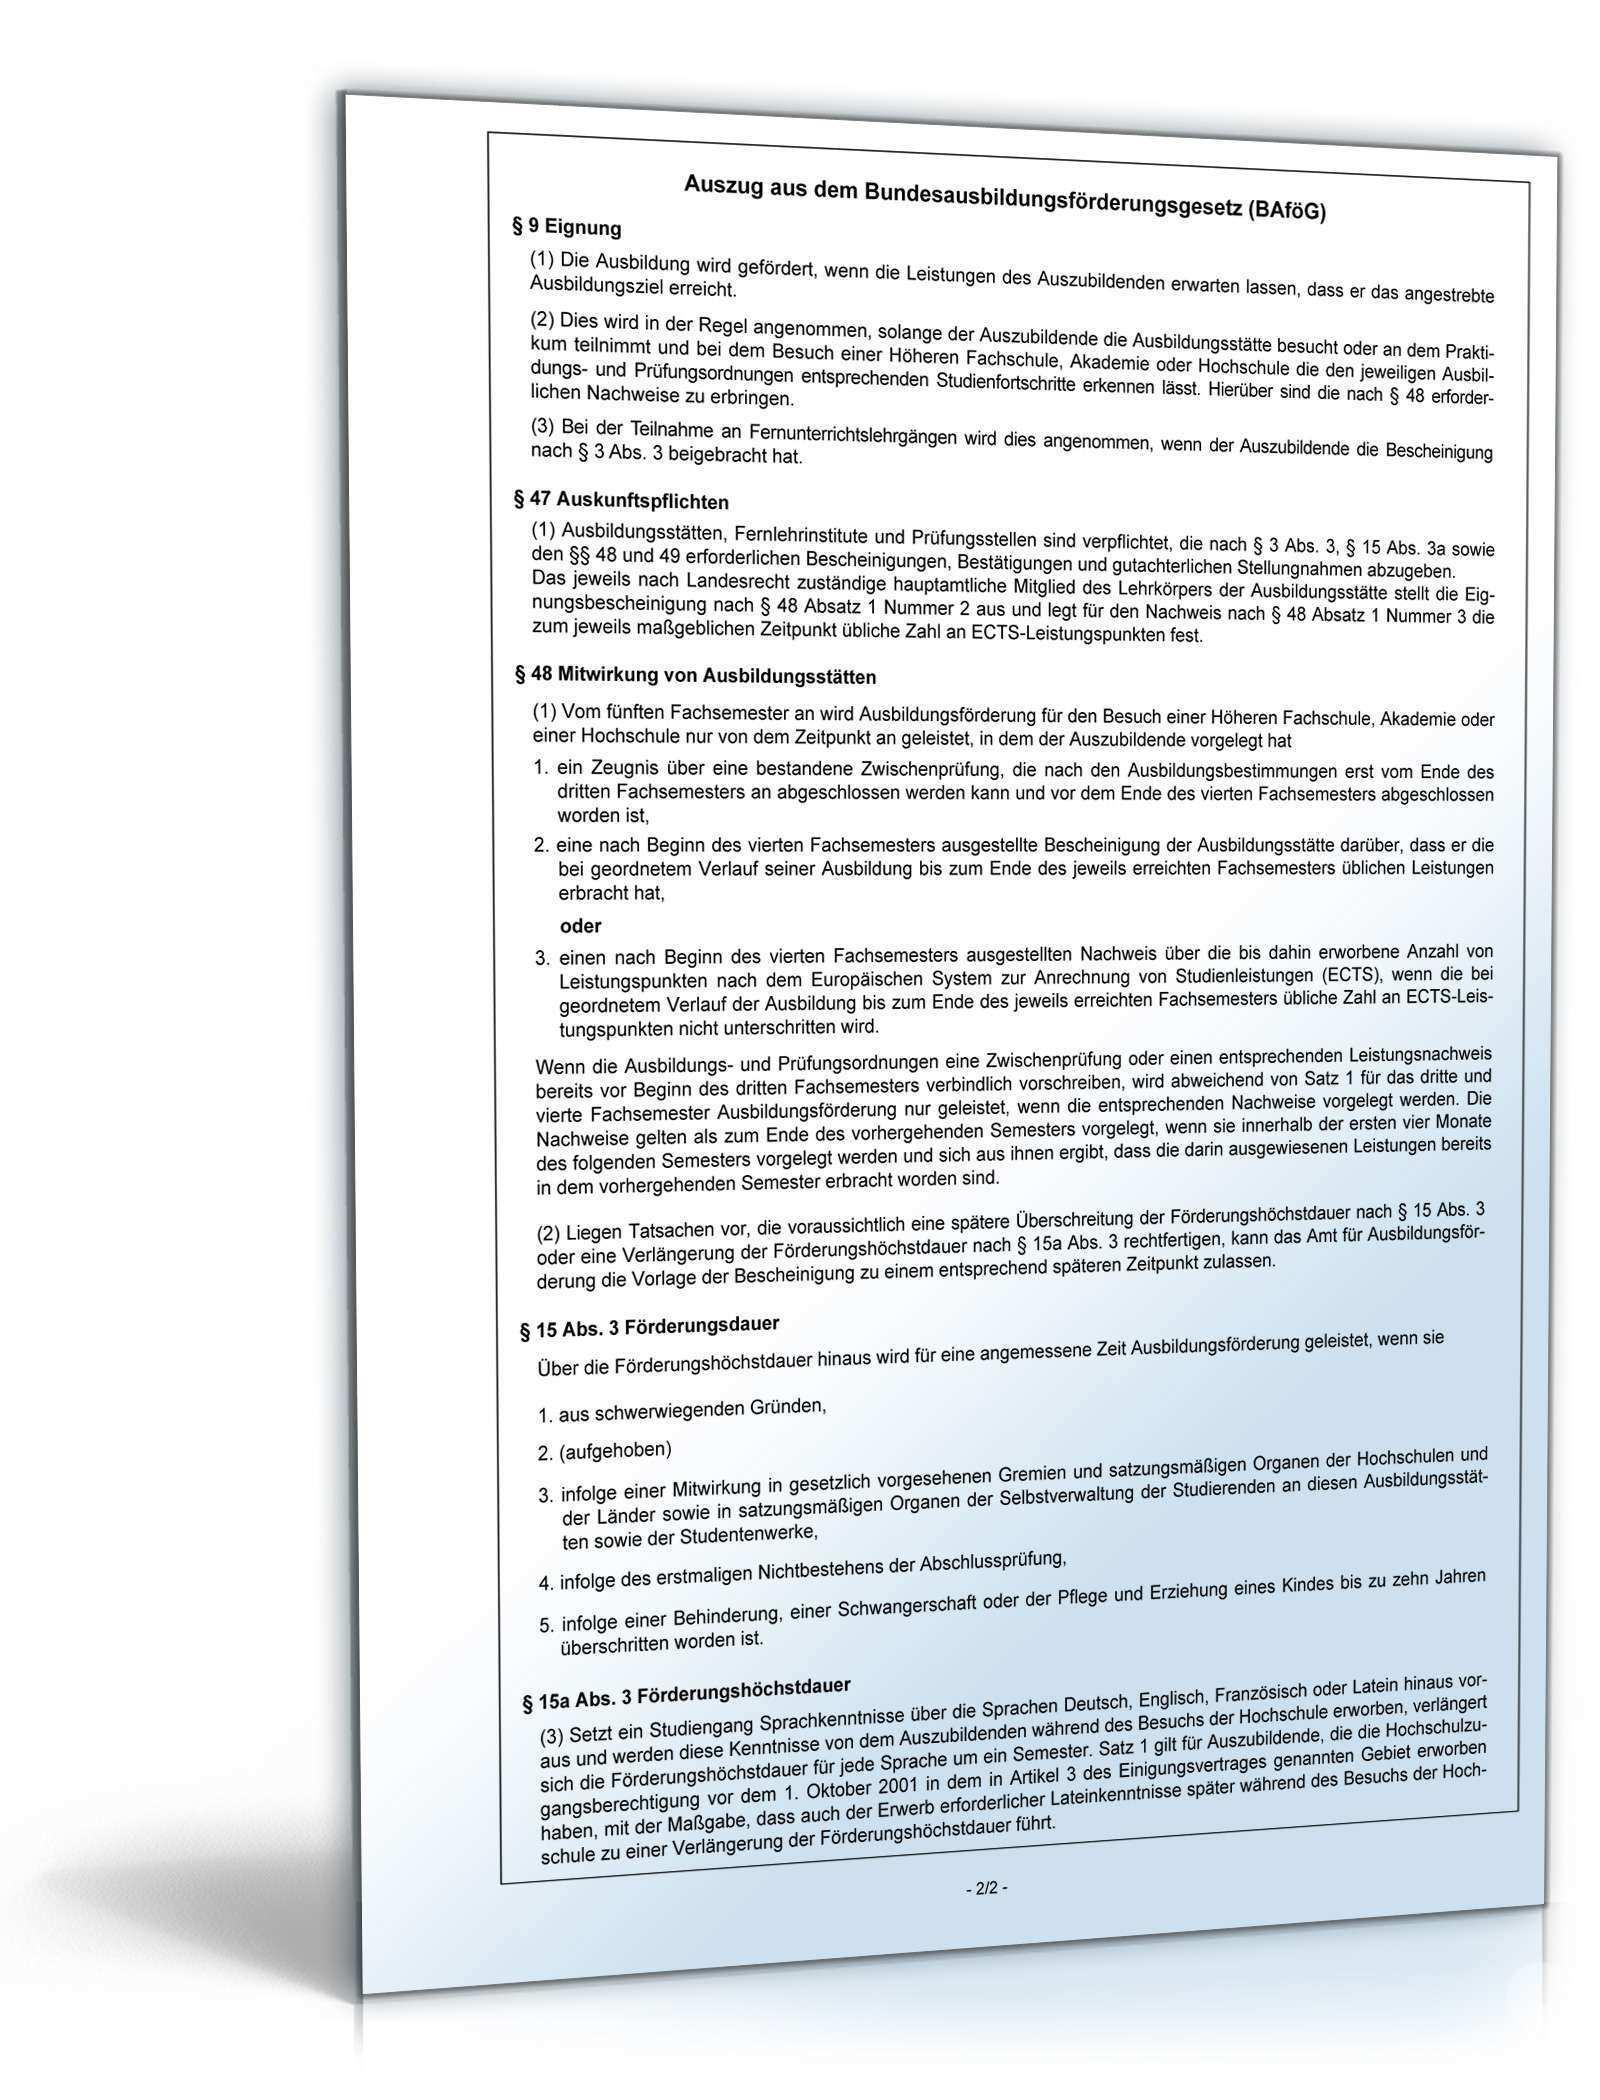 Leistungsbescheinigung Nach 48 Bafog Formular Zum Download